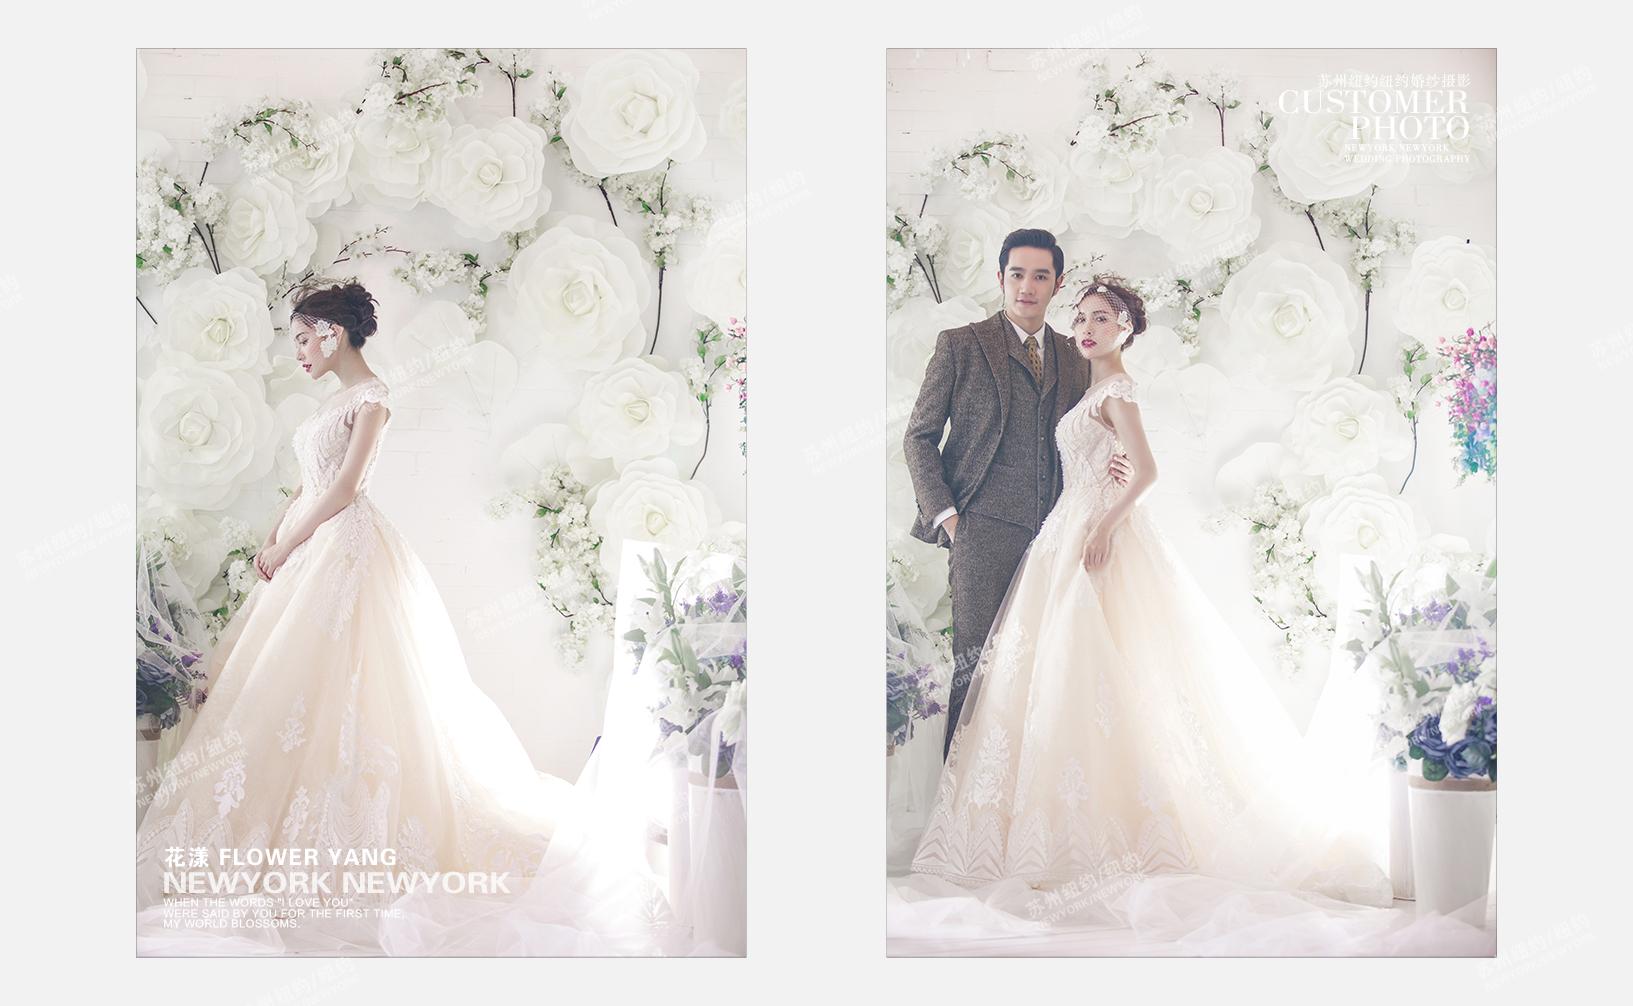 花漾婚纱摄影照